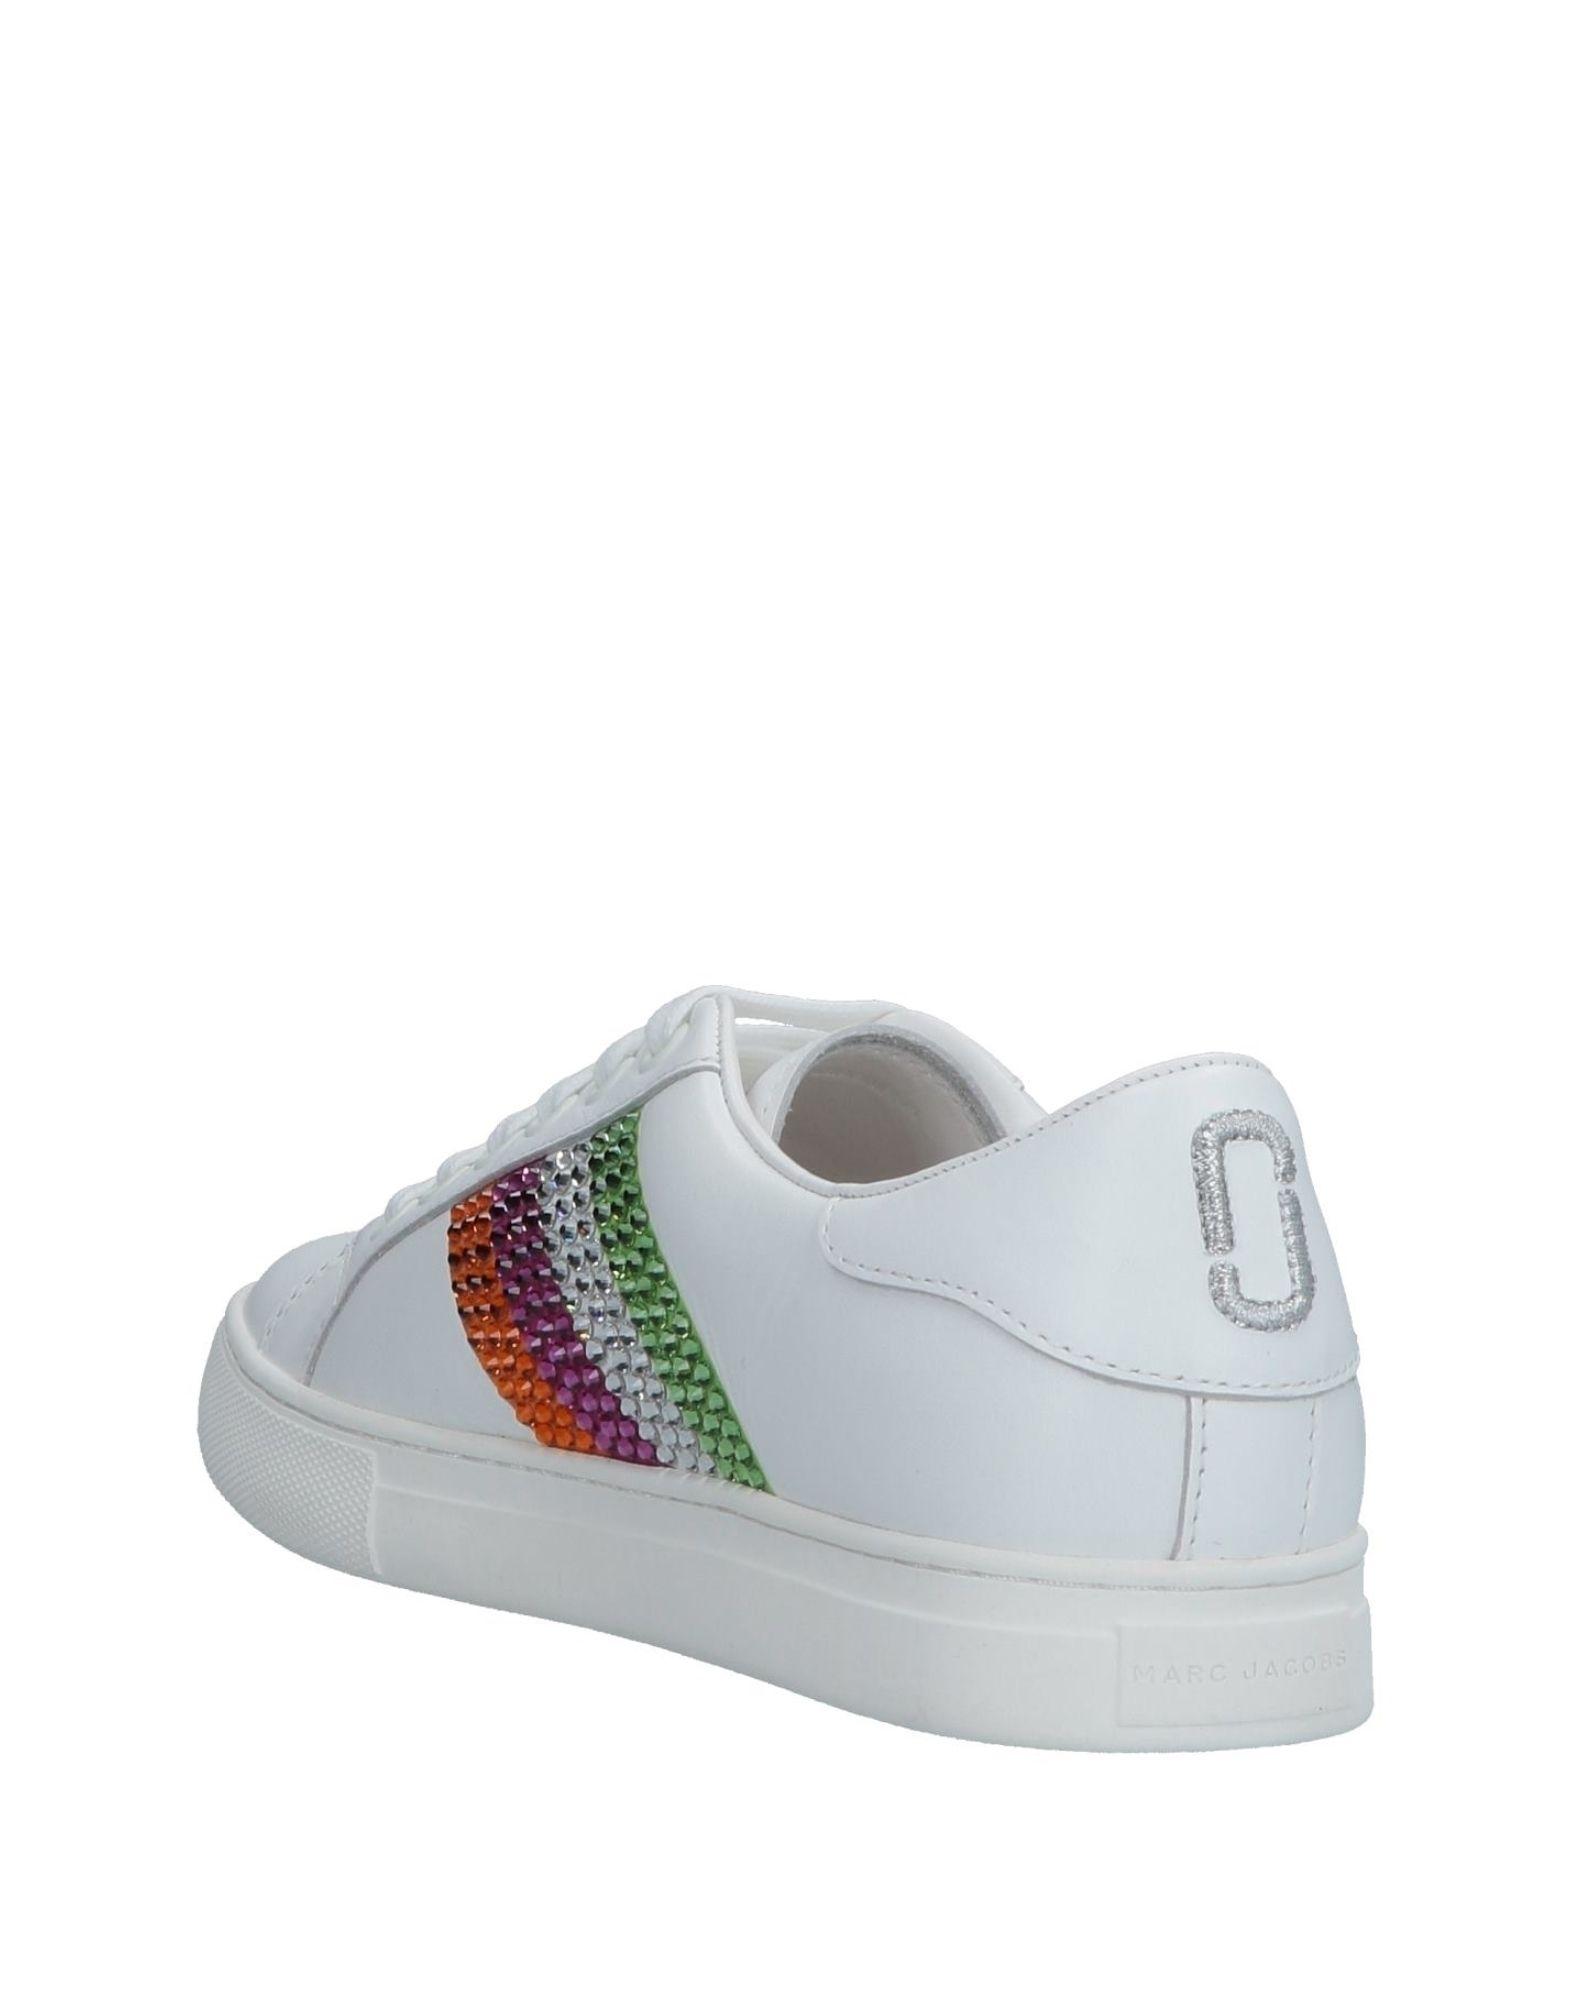 Stilvolle billige Sneakers Schuhe Marc Jacobs Sneakers billige Damen  11573792JM 26b28f